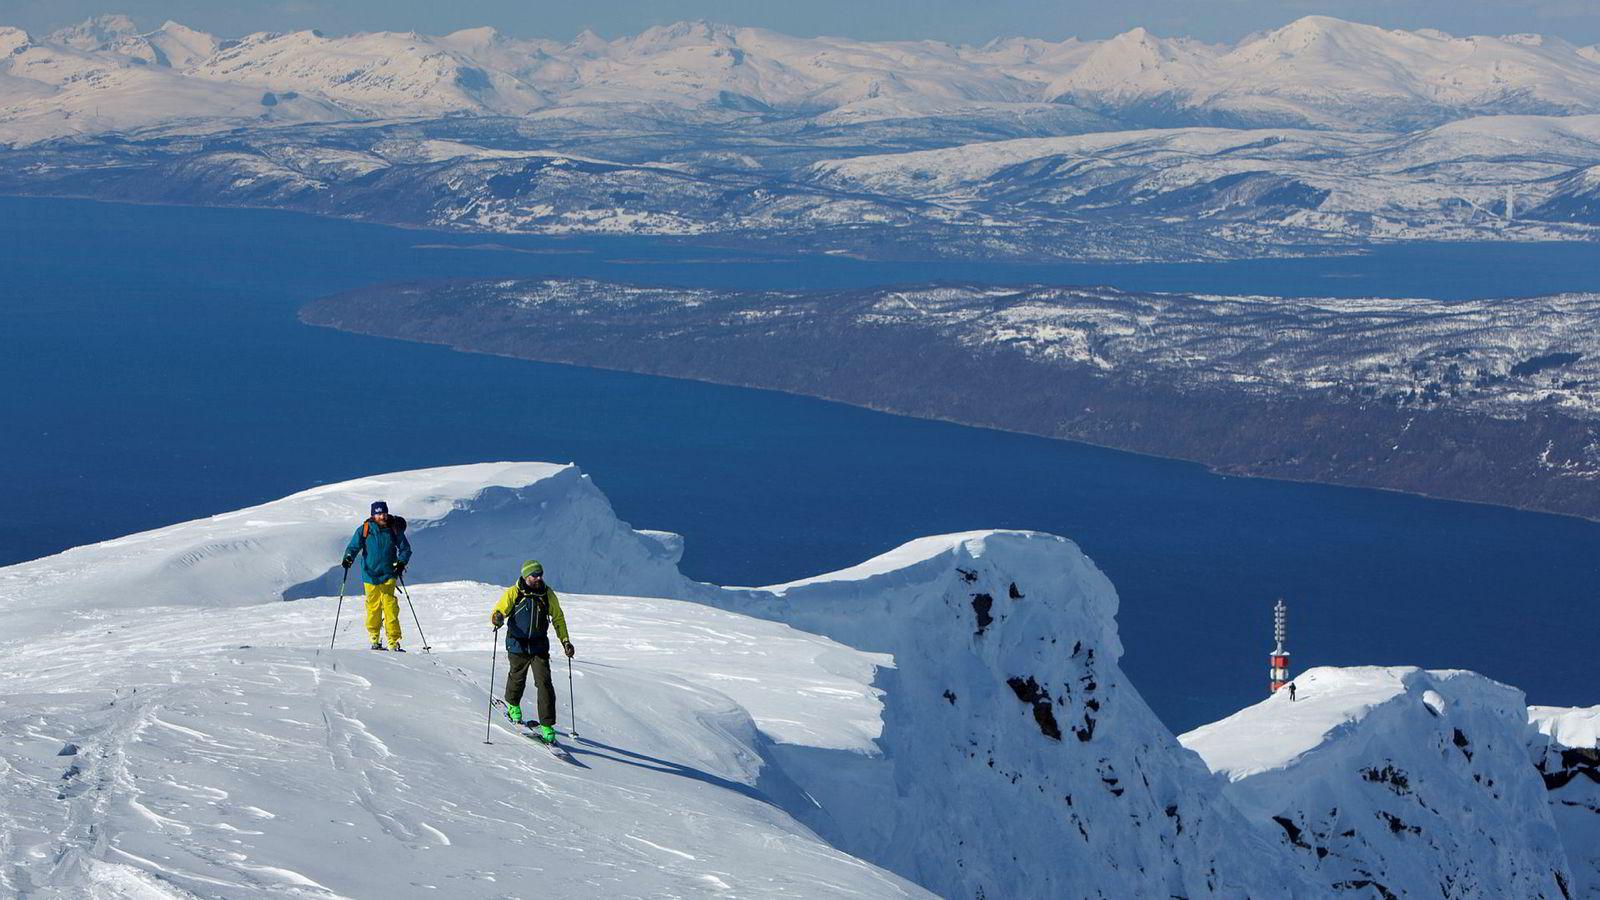 Ronny Dahl og Arnt Øverbyhagen har festet feller under skiene for å ta seg opp til Mørkhola fra Linken, som er heissystemets øverste punkt